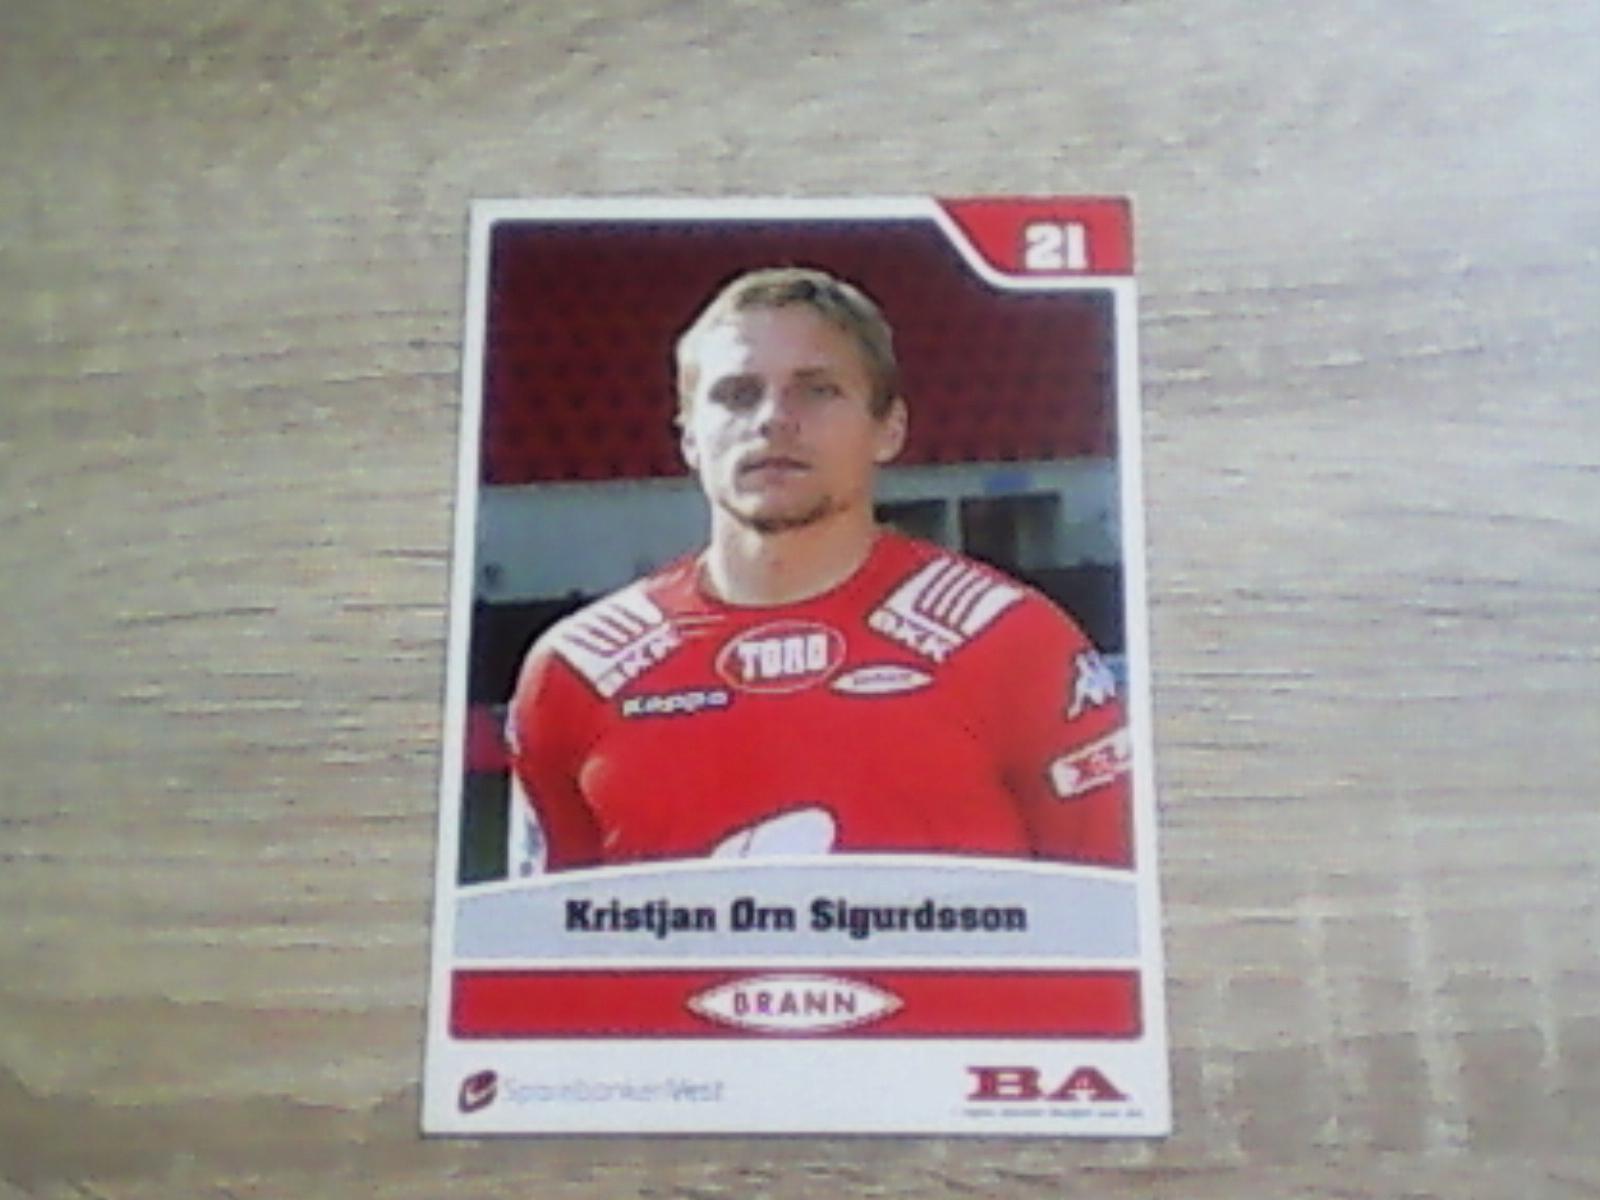 Piłka nożna - fotos Sigurdsson, Brann Bergen